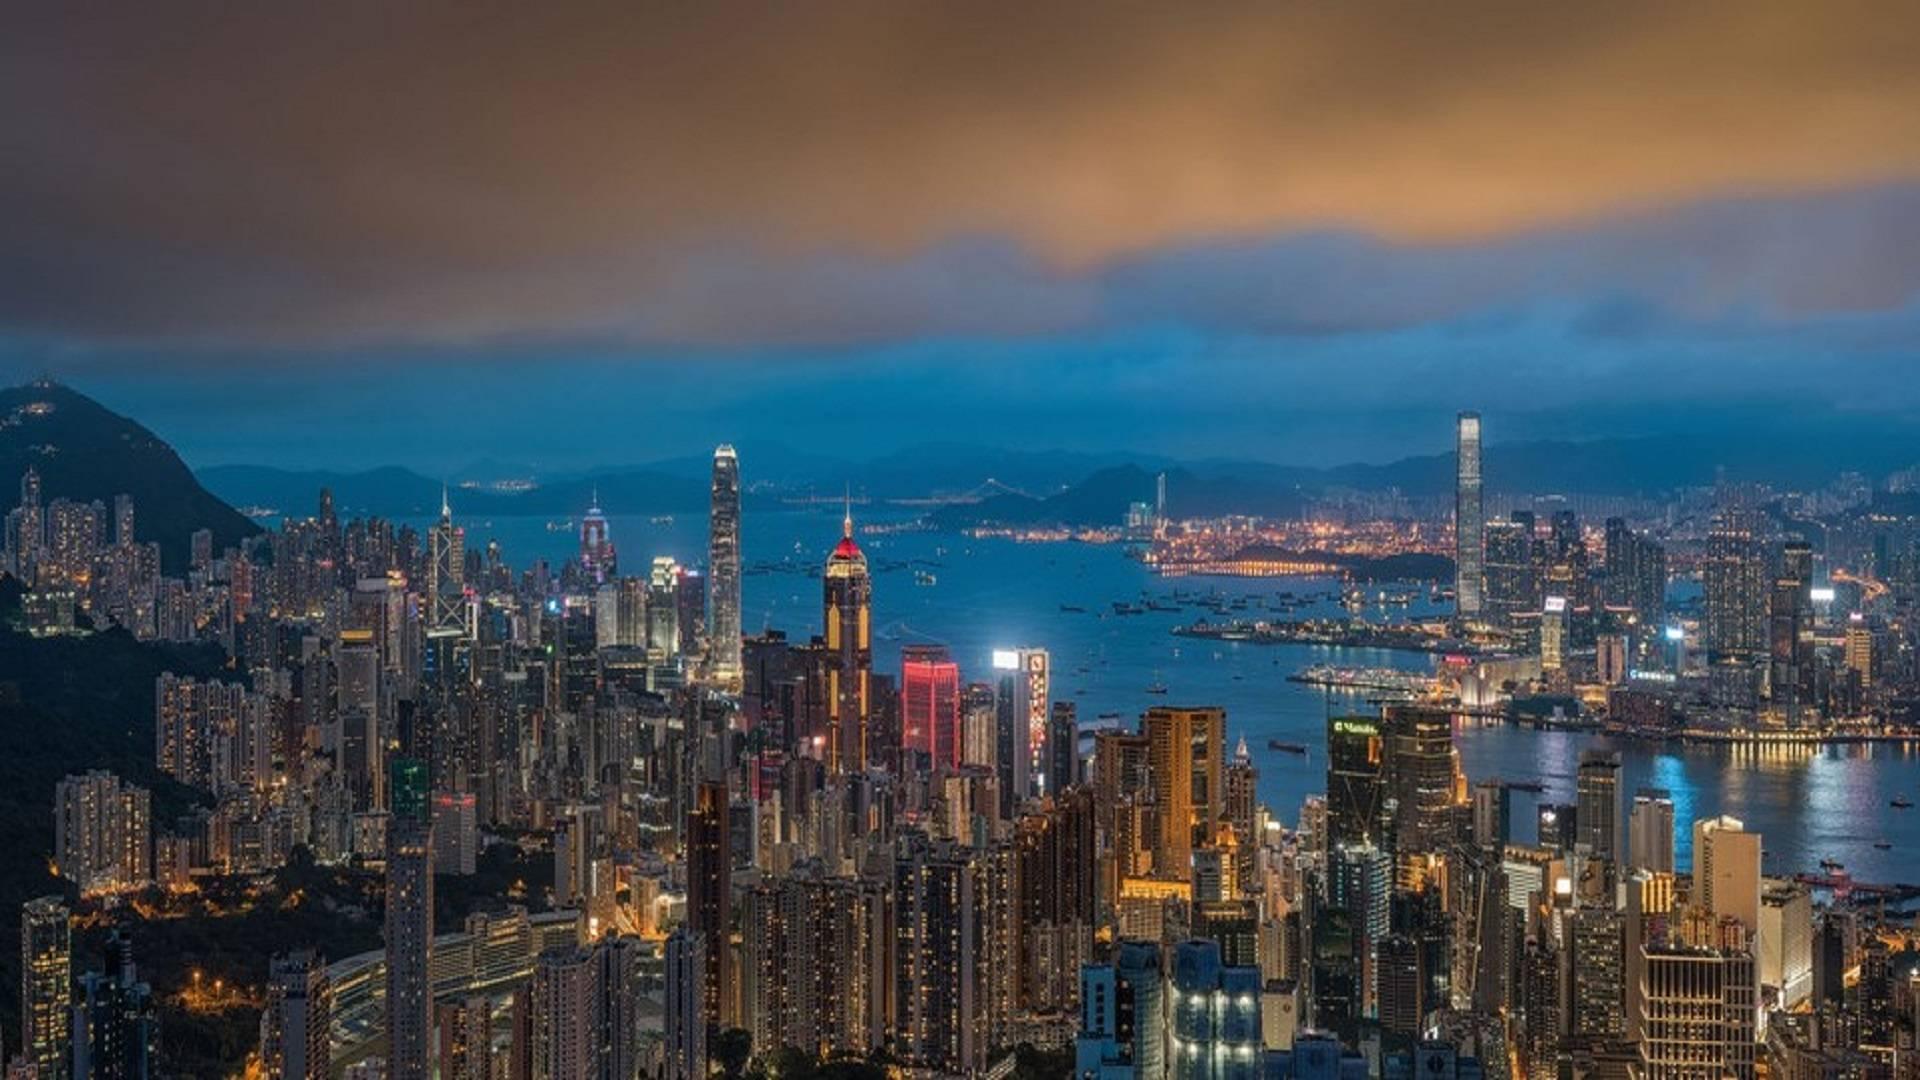 创新引领,粤港澳大湾区的产业新机会